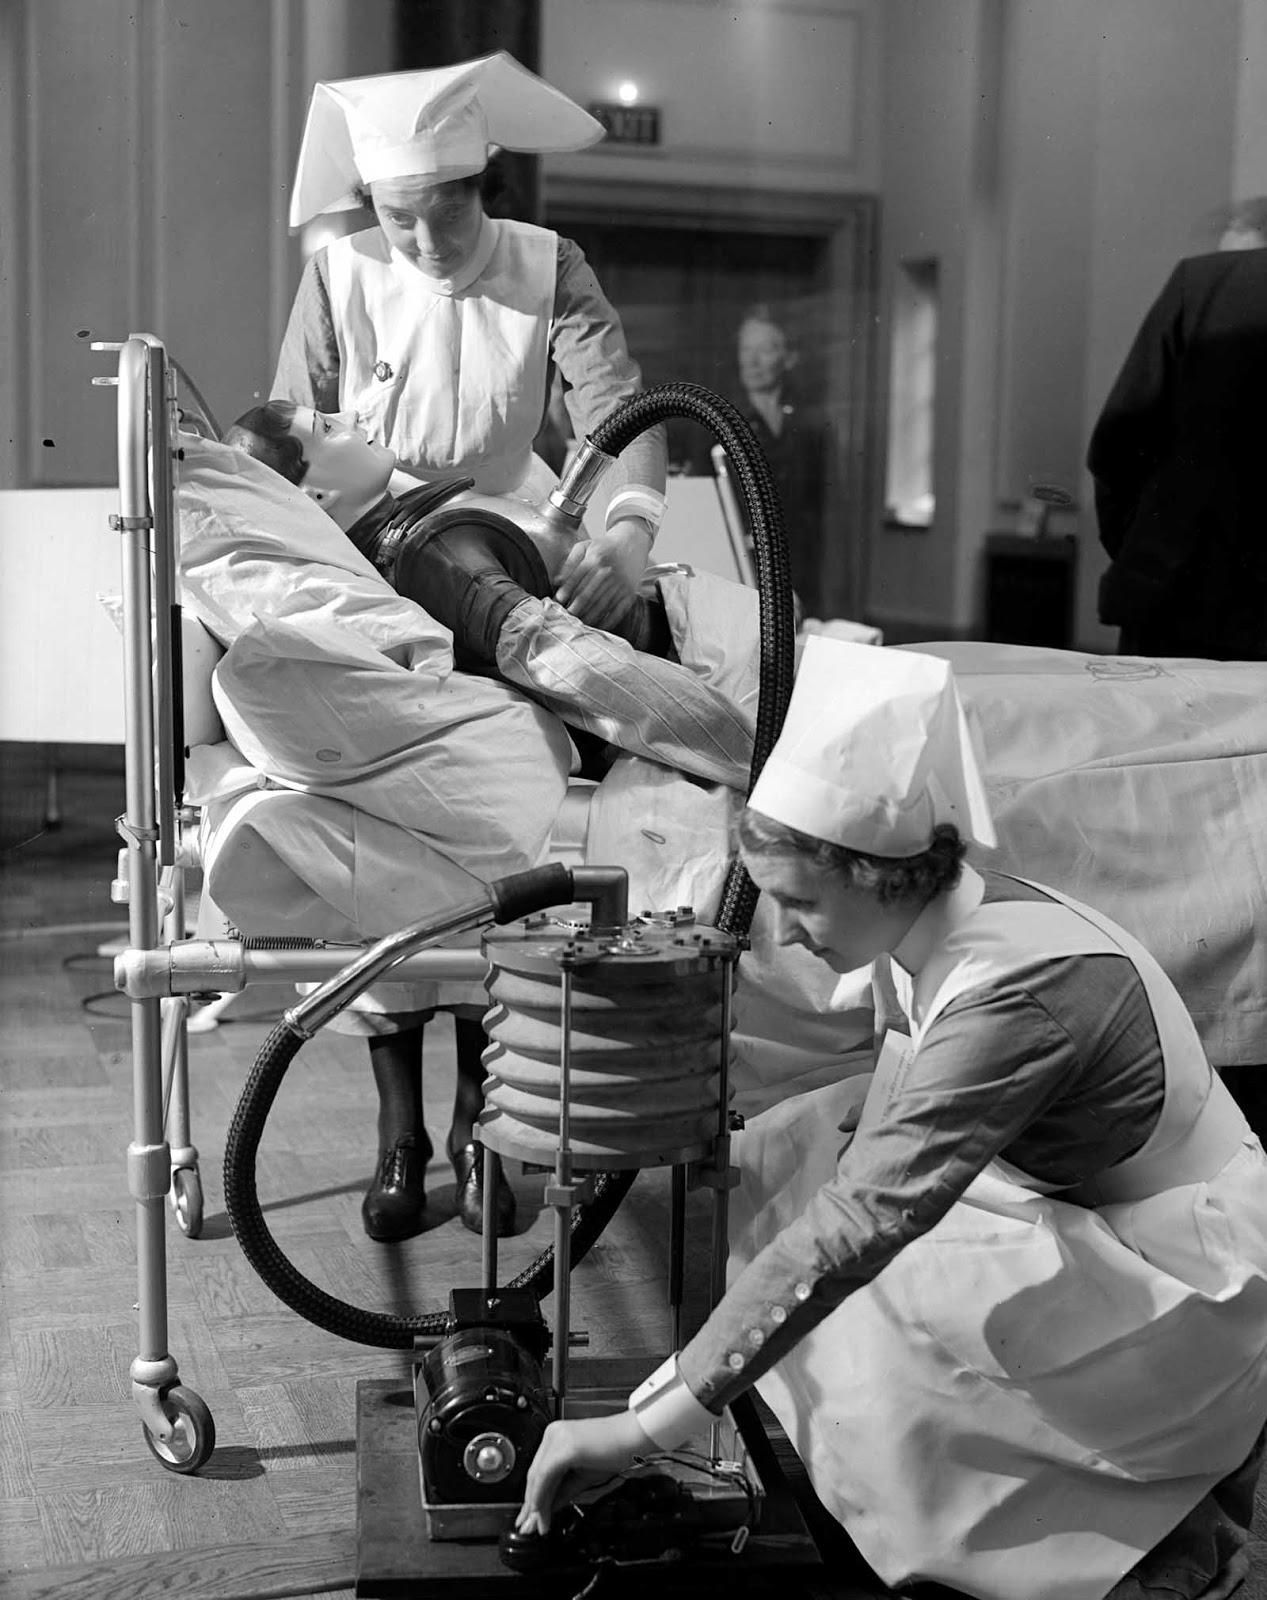 Las enfermeras practican operar una chaqueta respiratoria que realiza una función similar a un pulmón de hierro, alrededor de 1938.